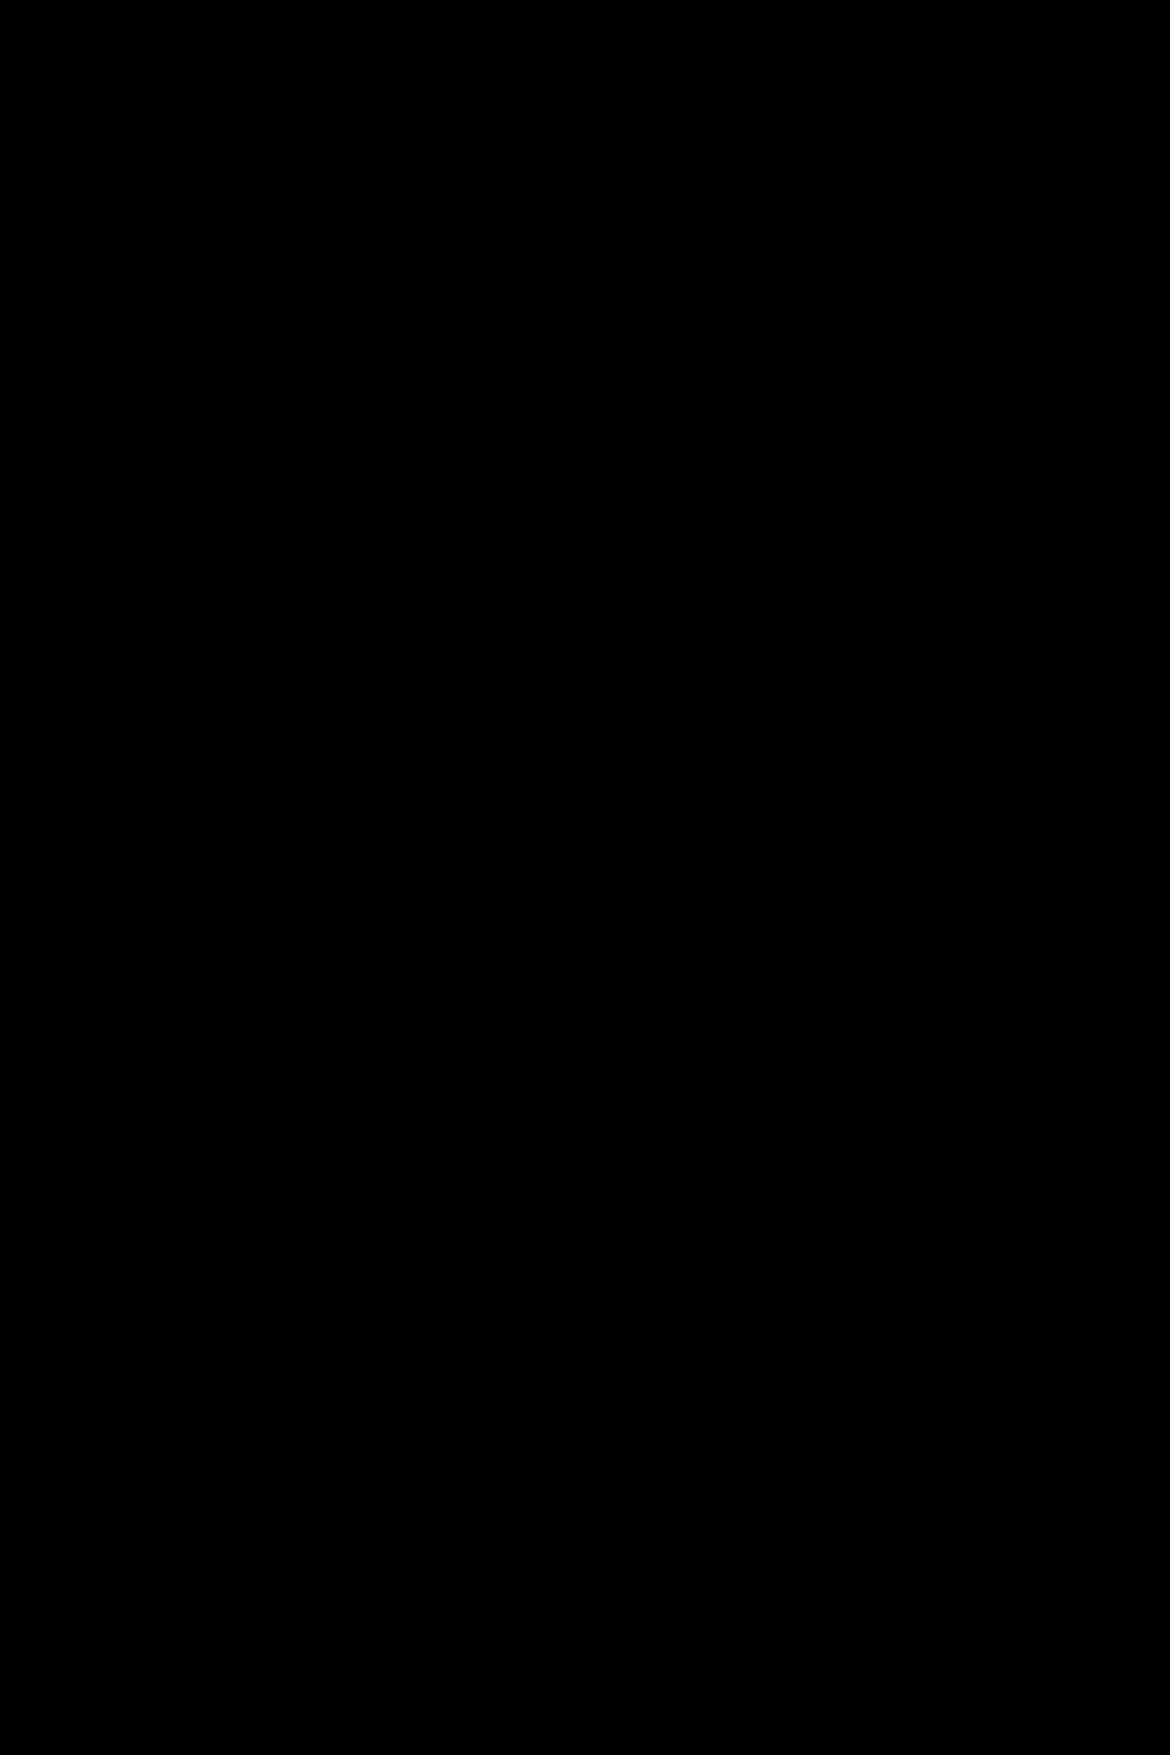 Sciarpa double face - 10 Idee regali di Natale 2016 su Zalando di Laura Comolli